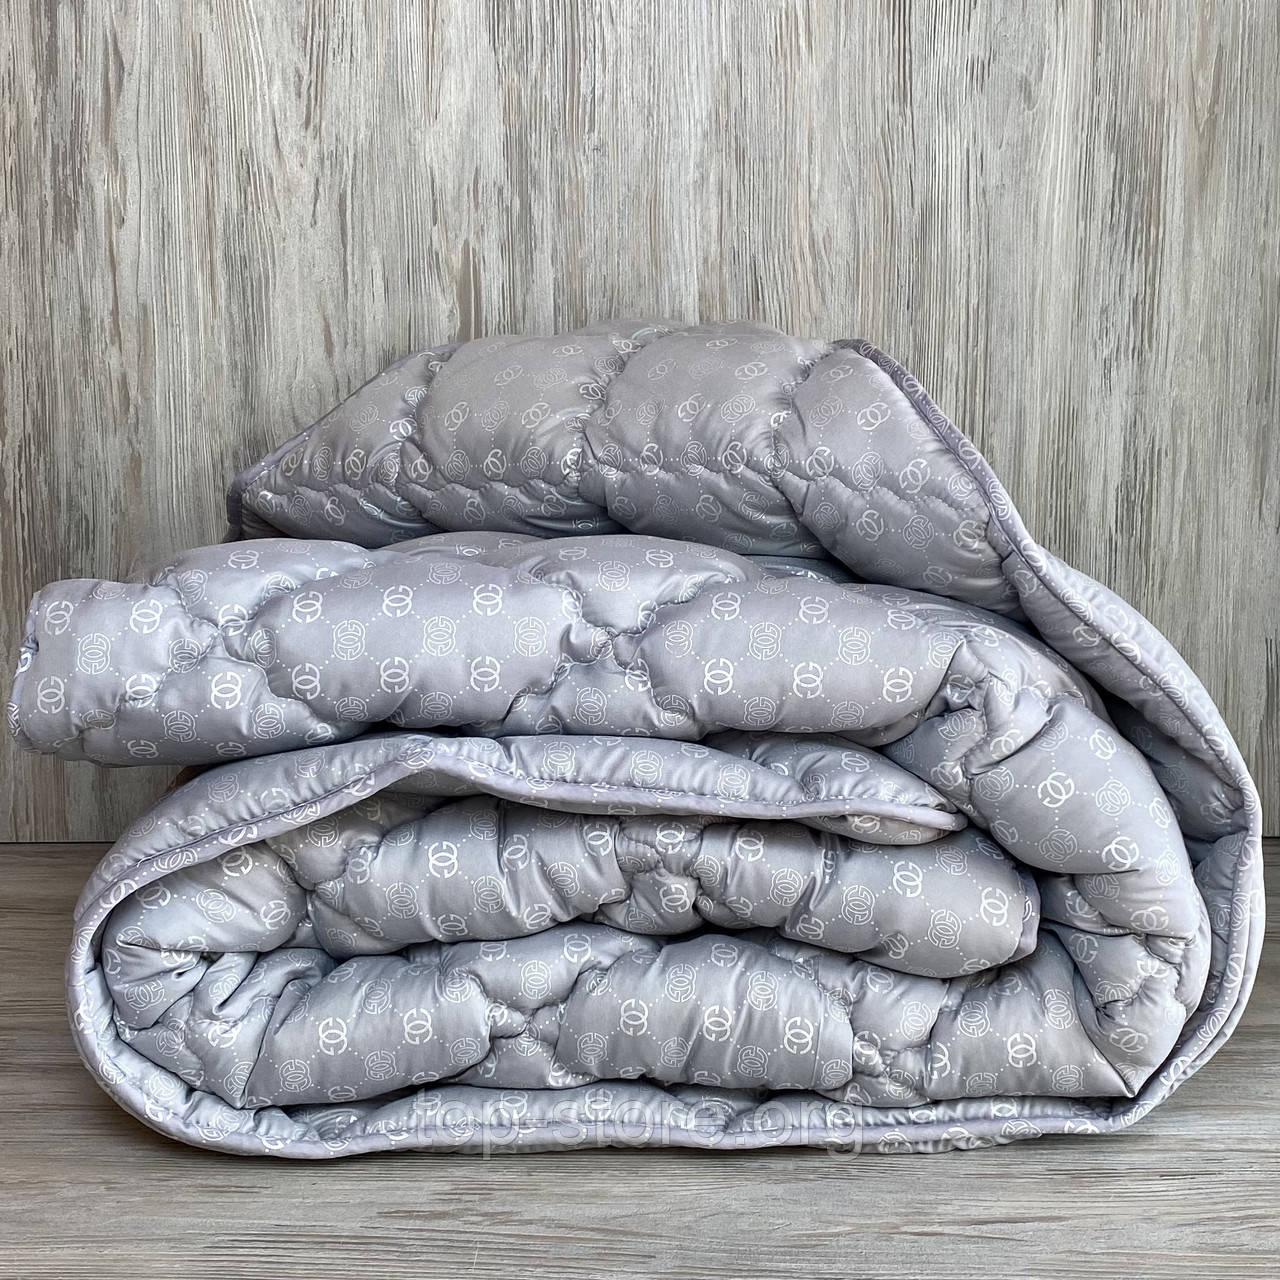 Одеяло на холлофайбере ОДА полуторного размера 155х210 Стеганное зимнее одеяло высокого качества